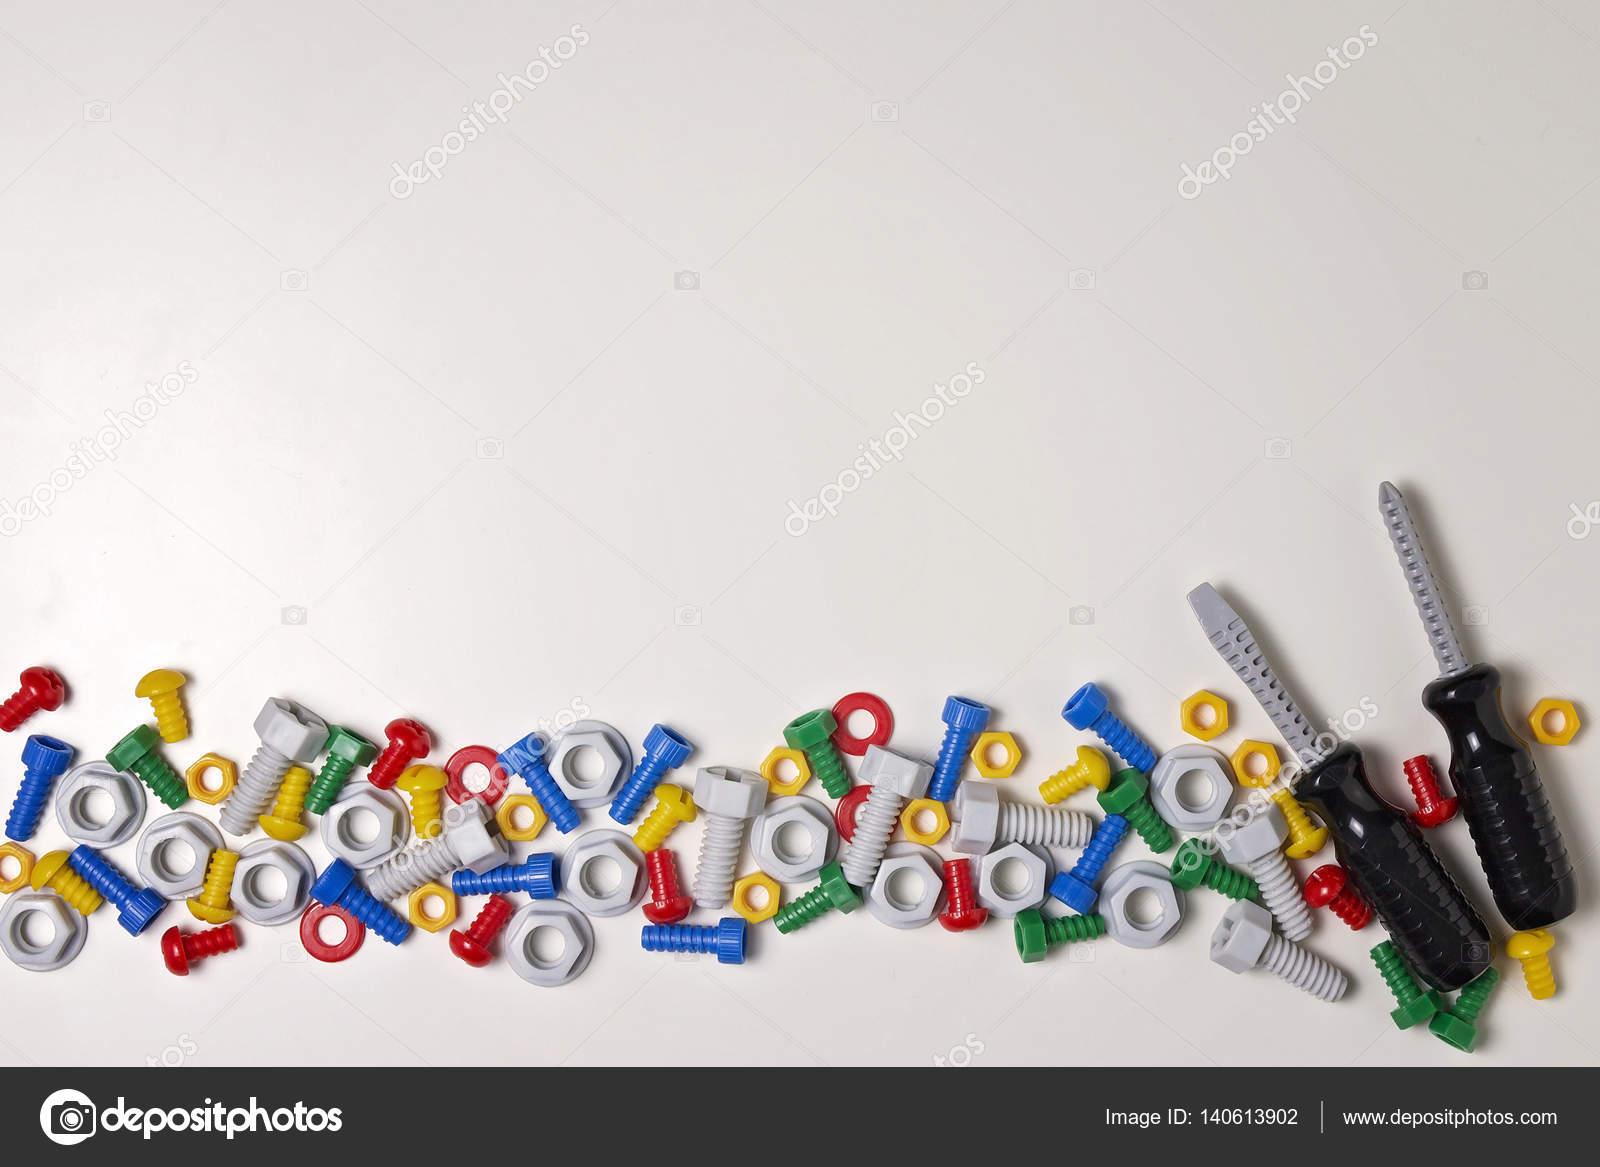 Marco de herramientas de construcción niños sobre fondo blanco ...